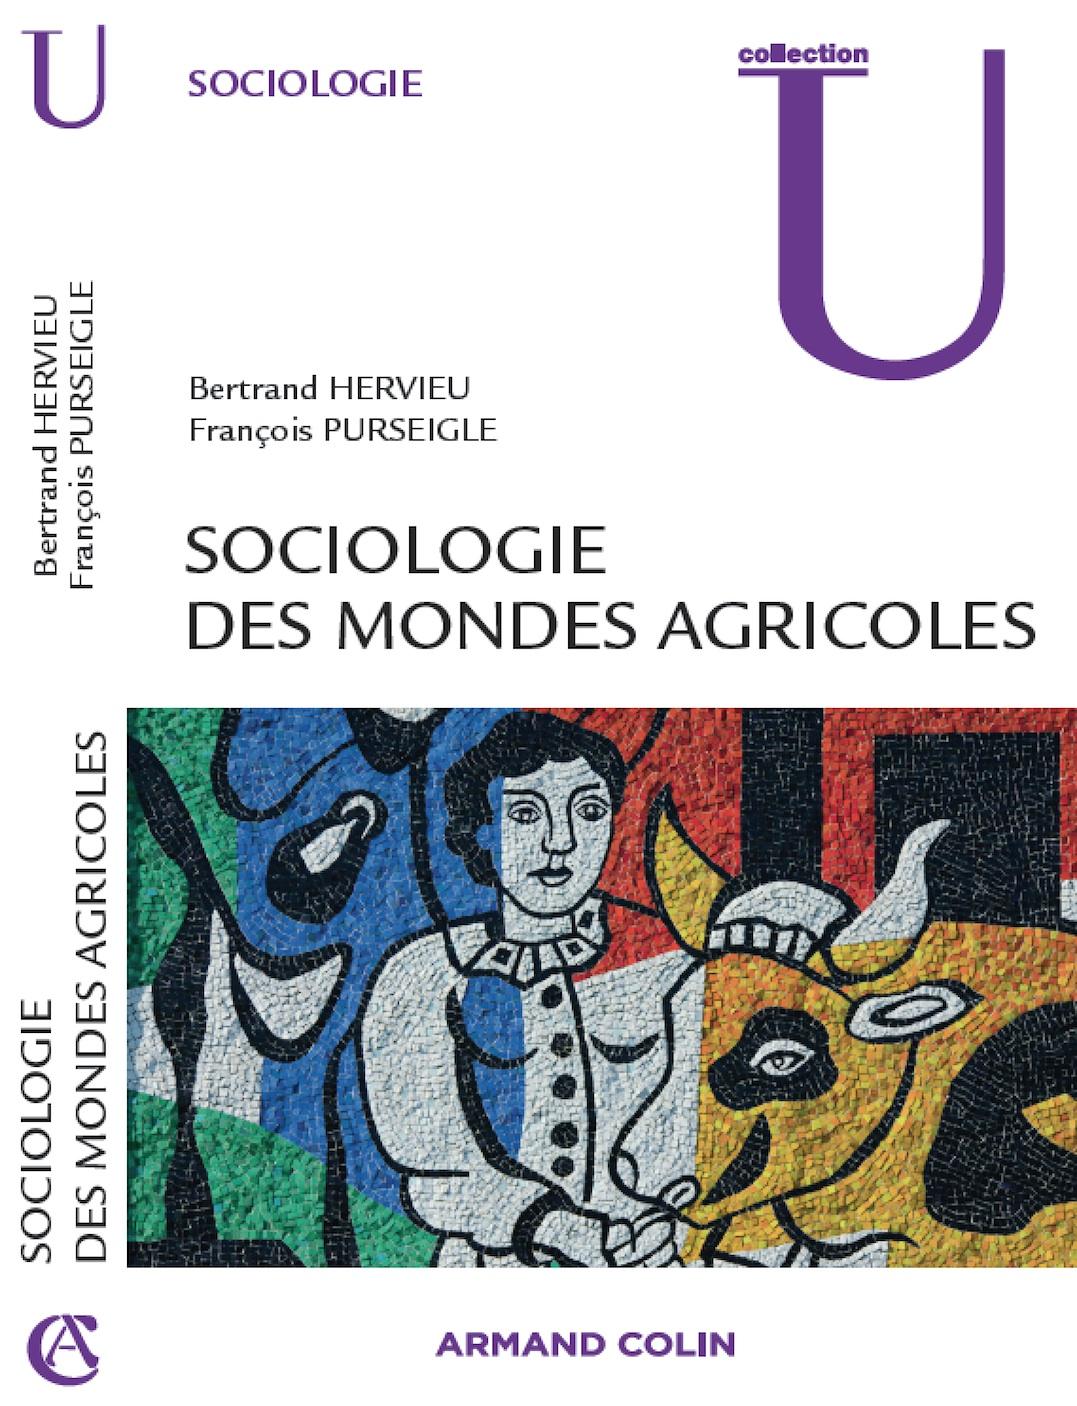 couverture_sociologie_des_mondes_agricoles